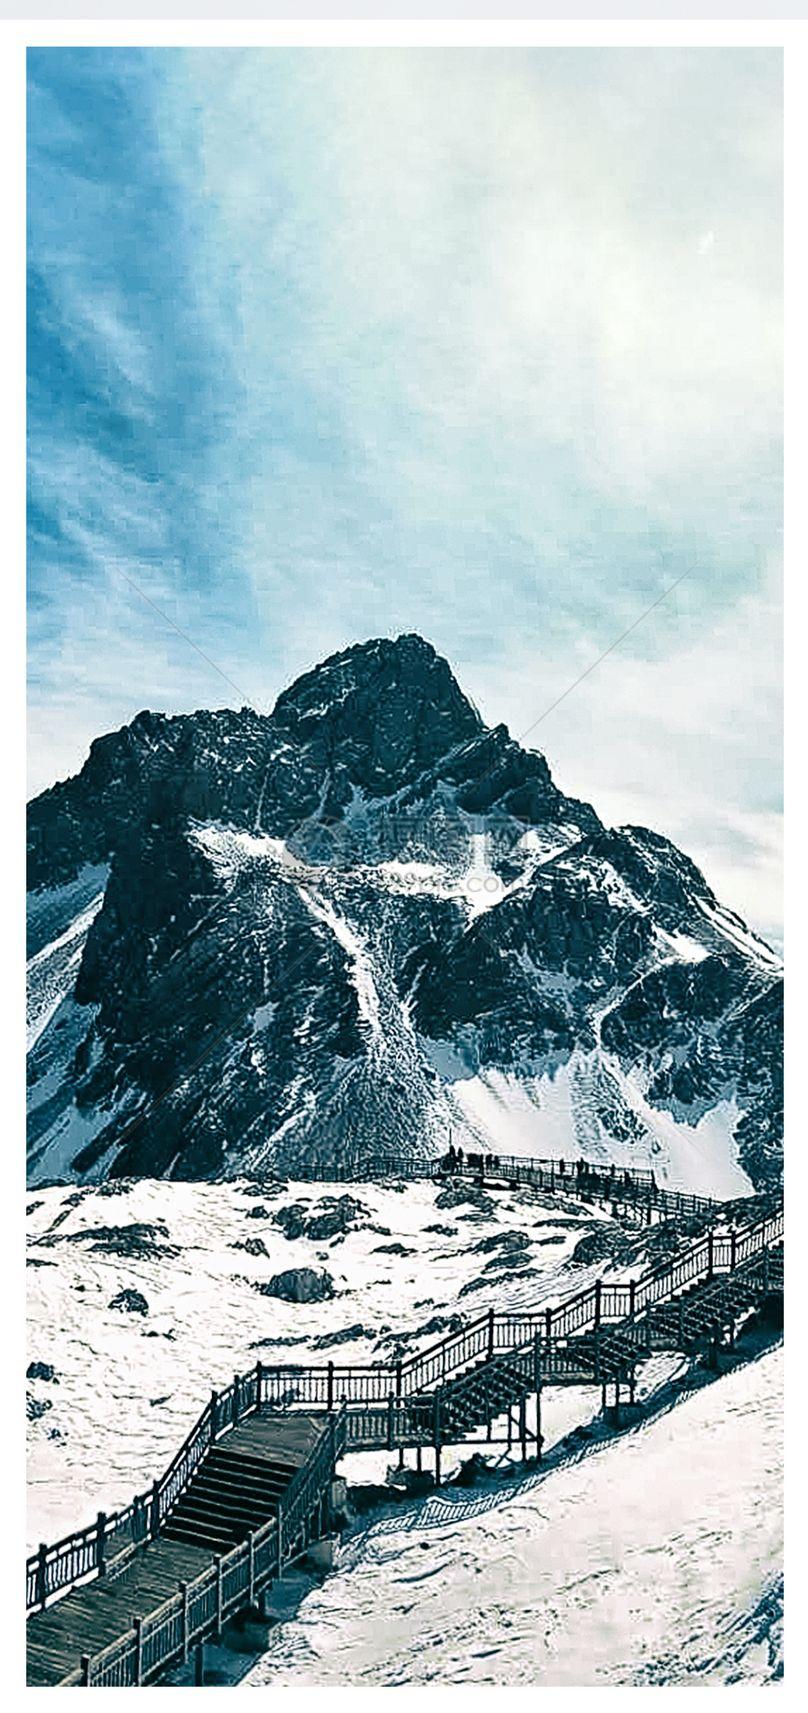 玉龙雪山手机壁纸图片